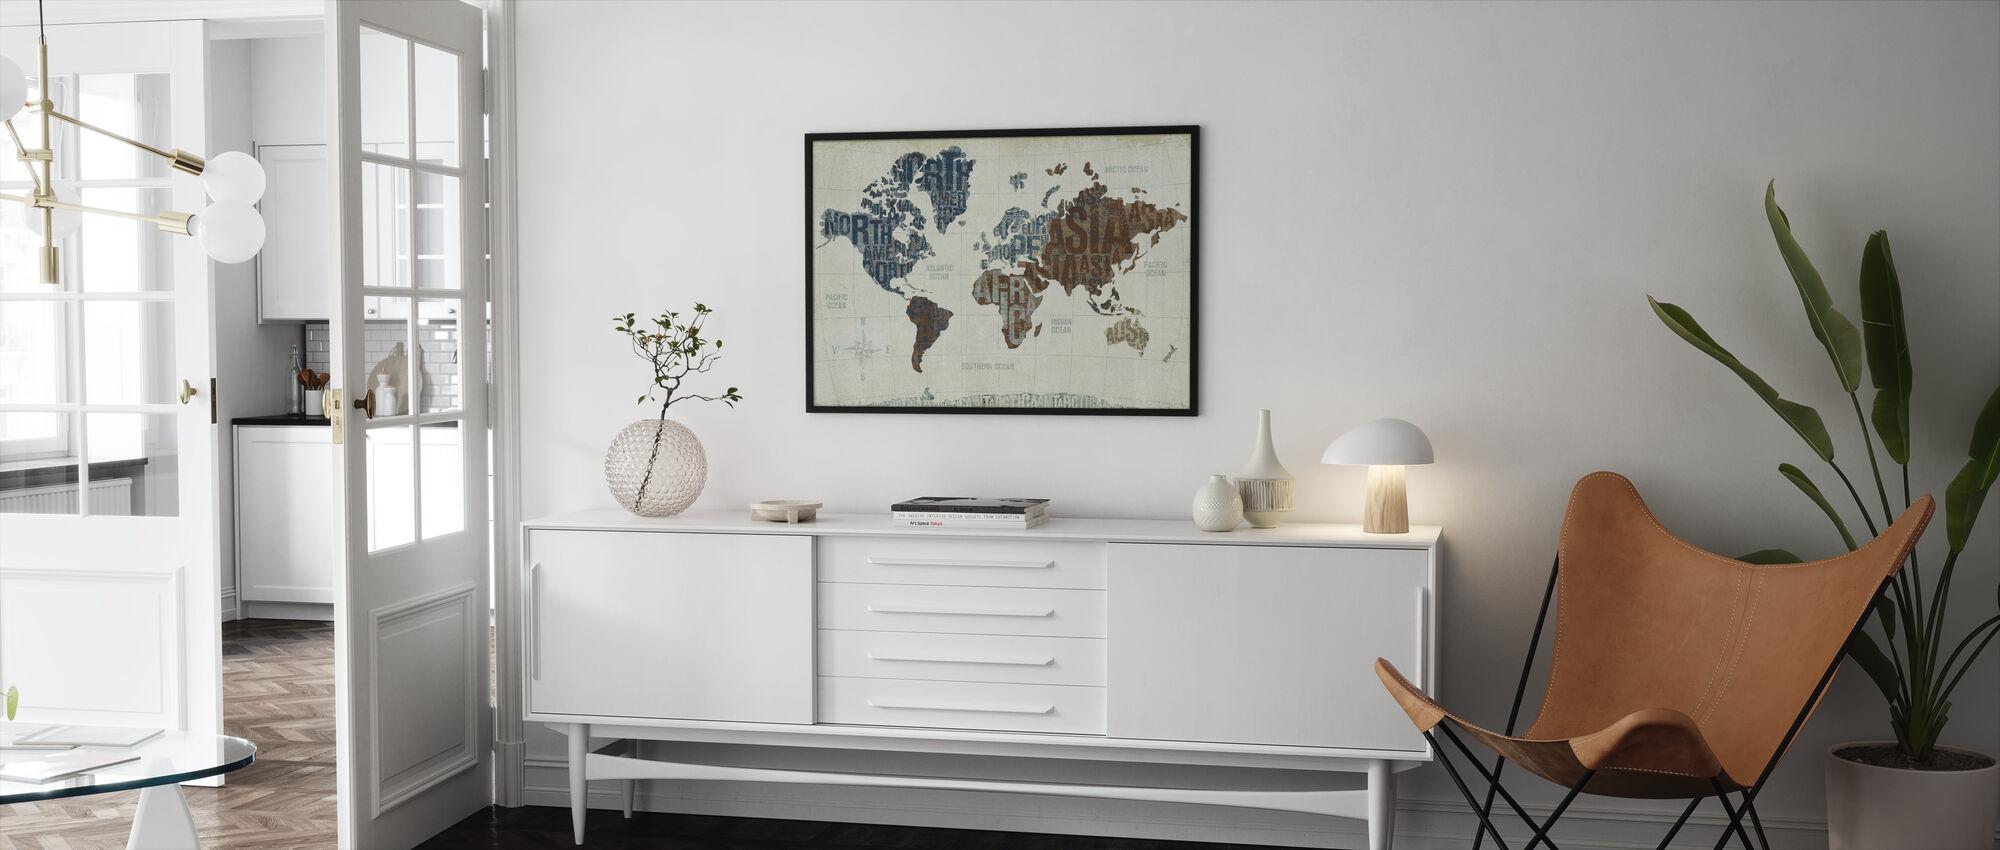 Modern World Neutral - Framed print - Living Room